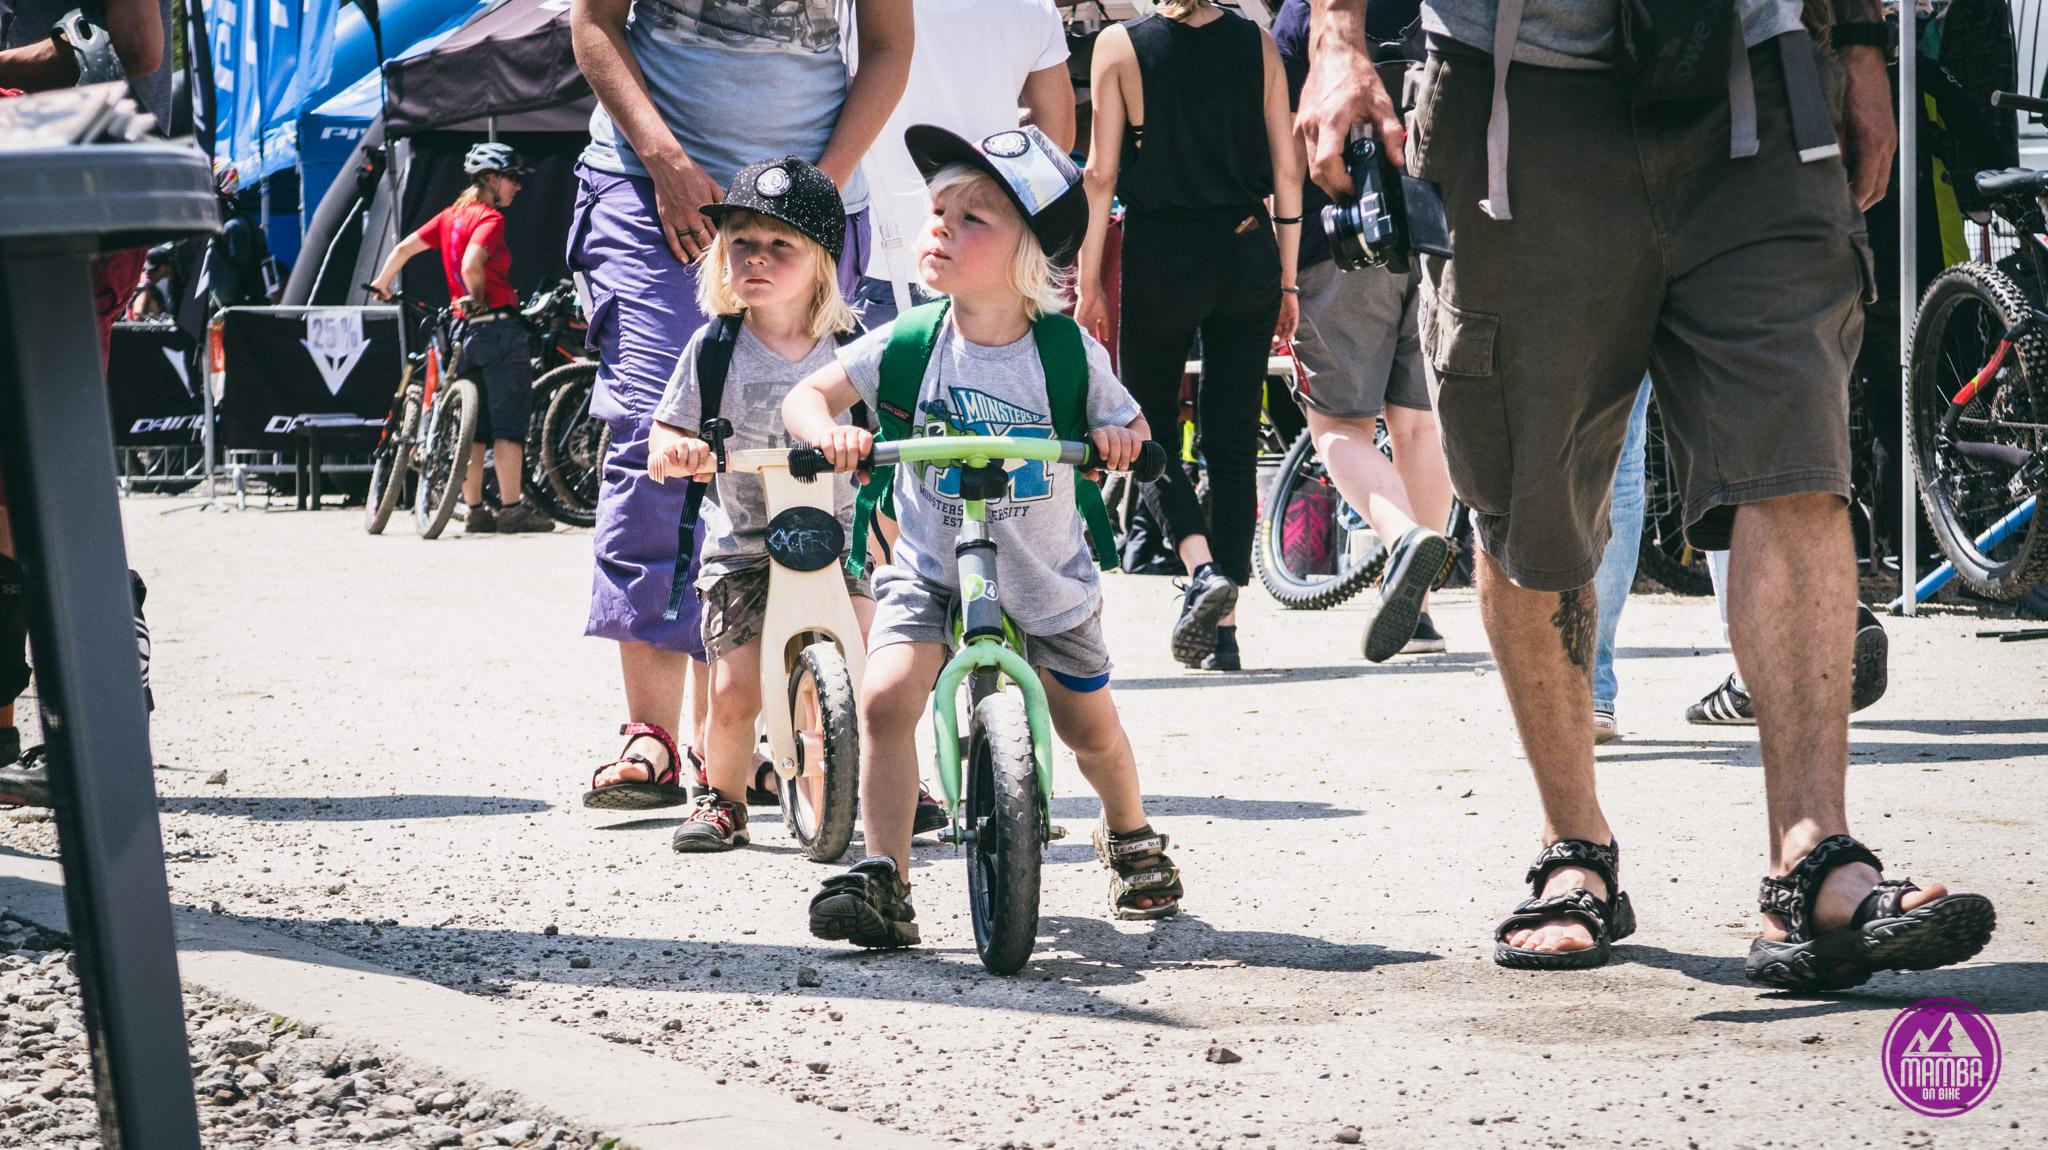 Kluszkowce - dzieci na rowerkach biegowych